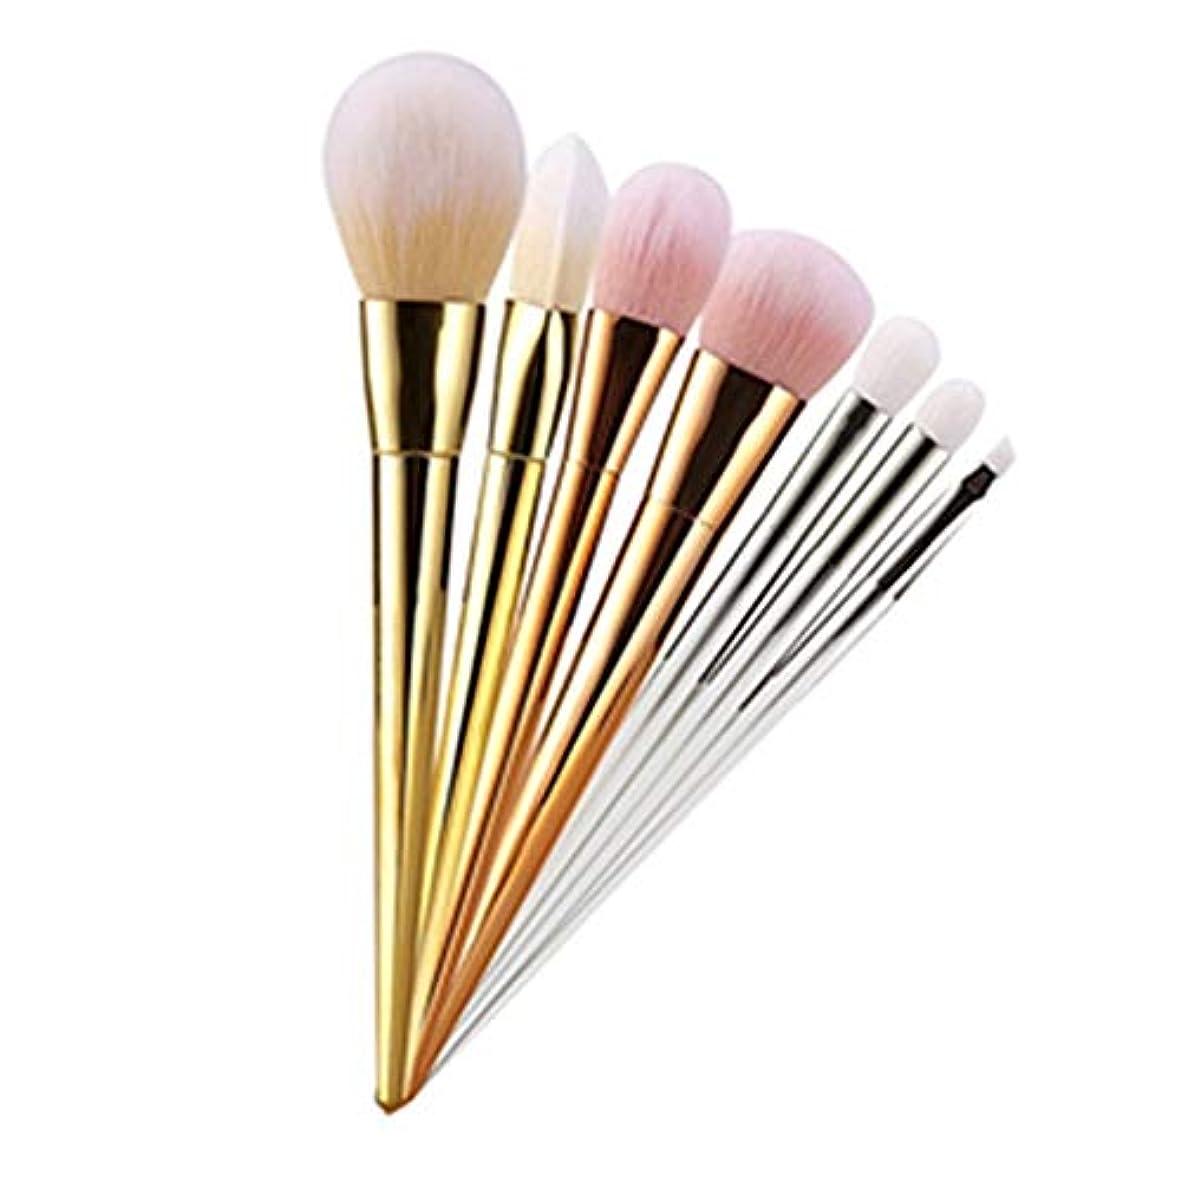 かまどブレス輸血美容メイク 7ピース 化粧ブラシセット メイクブラシ 化粧筆 シリーズ 化粧ブラシセット 高級タクロン 超柔らかい 可愛い